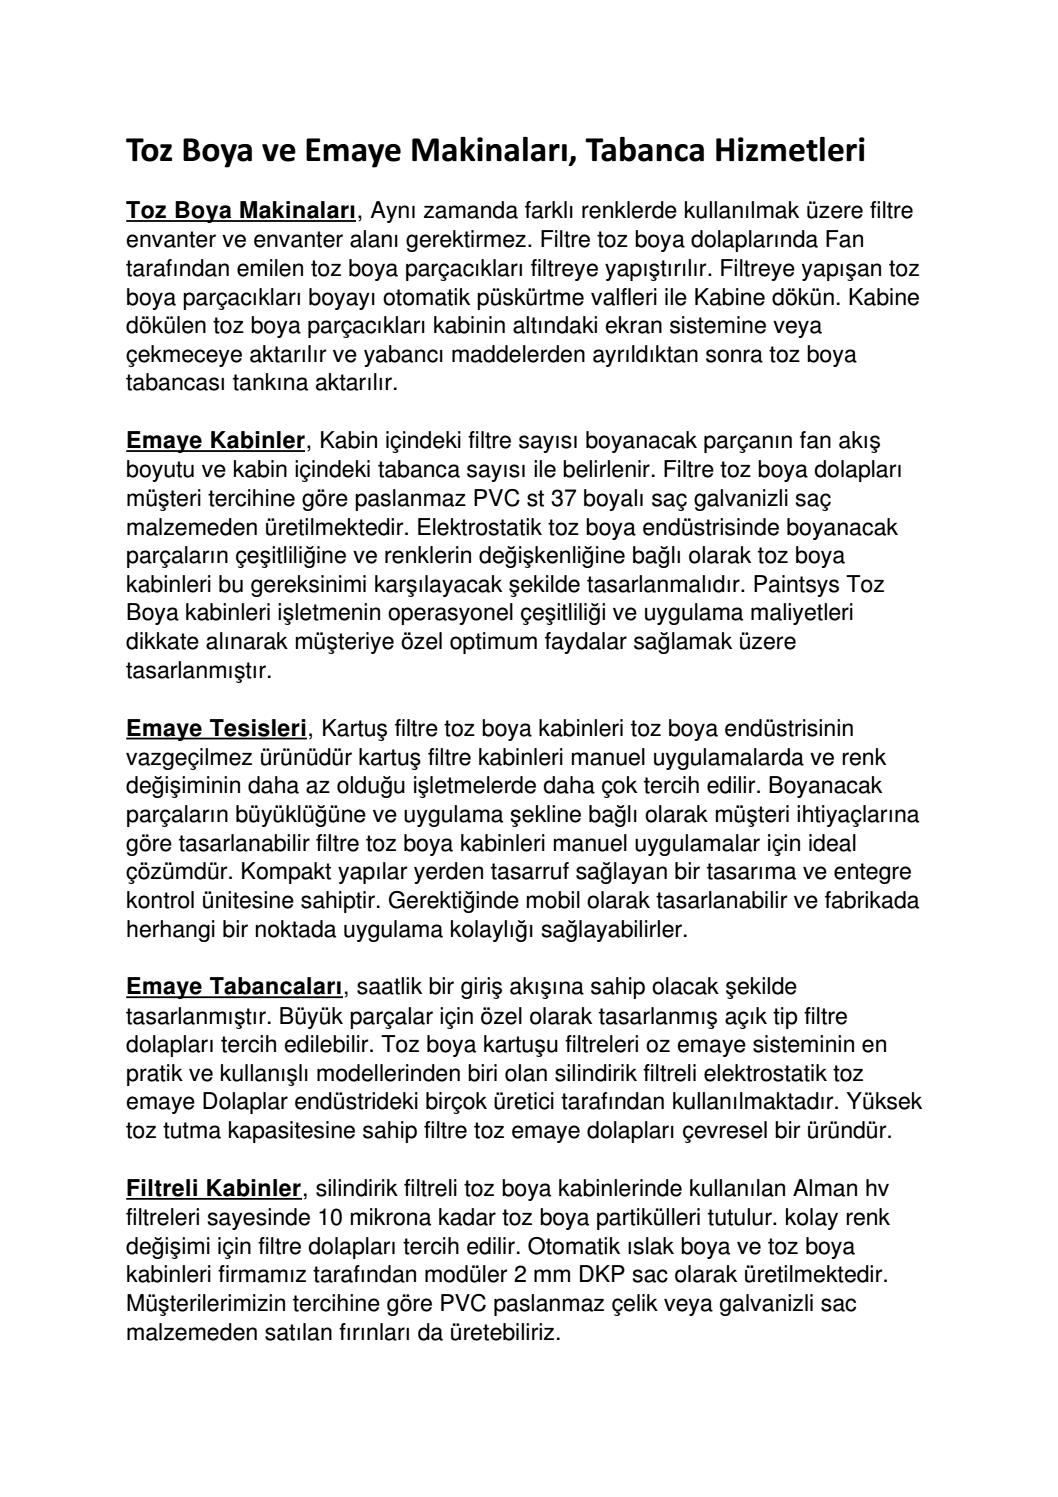 Toz Boya Ve Emaye Makinalari Tabanca Hizmetleri By Turkce Haber